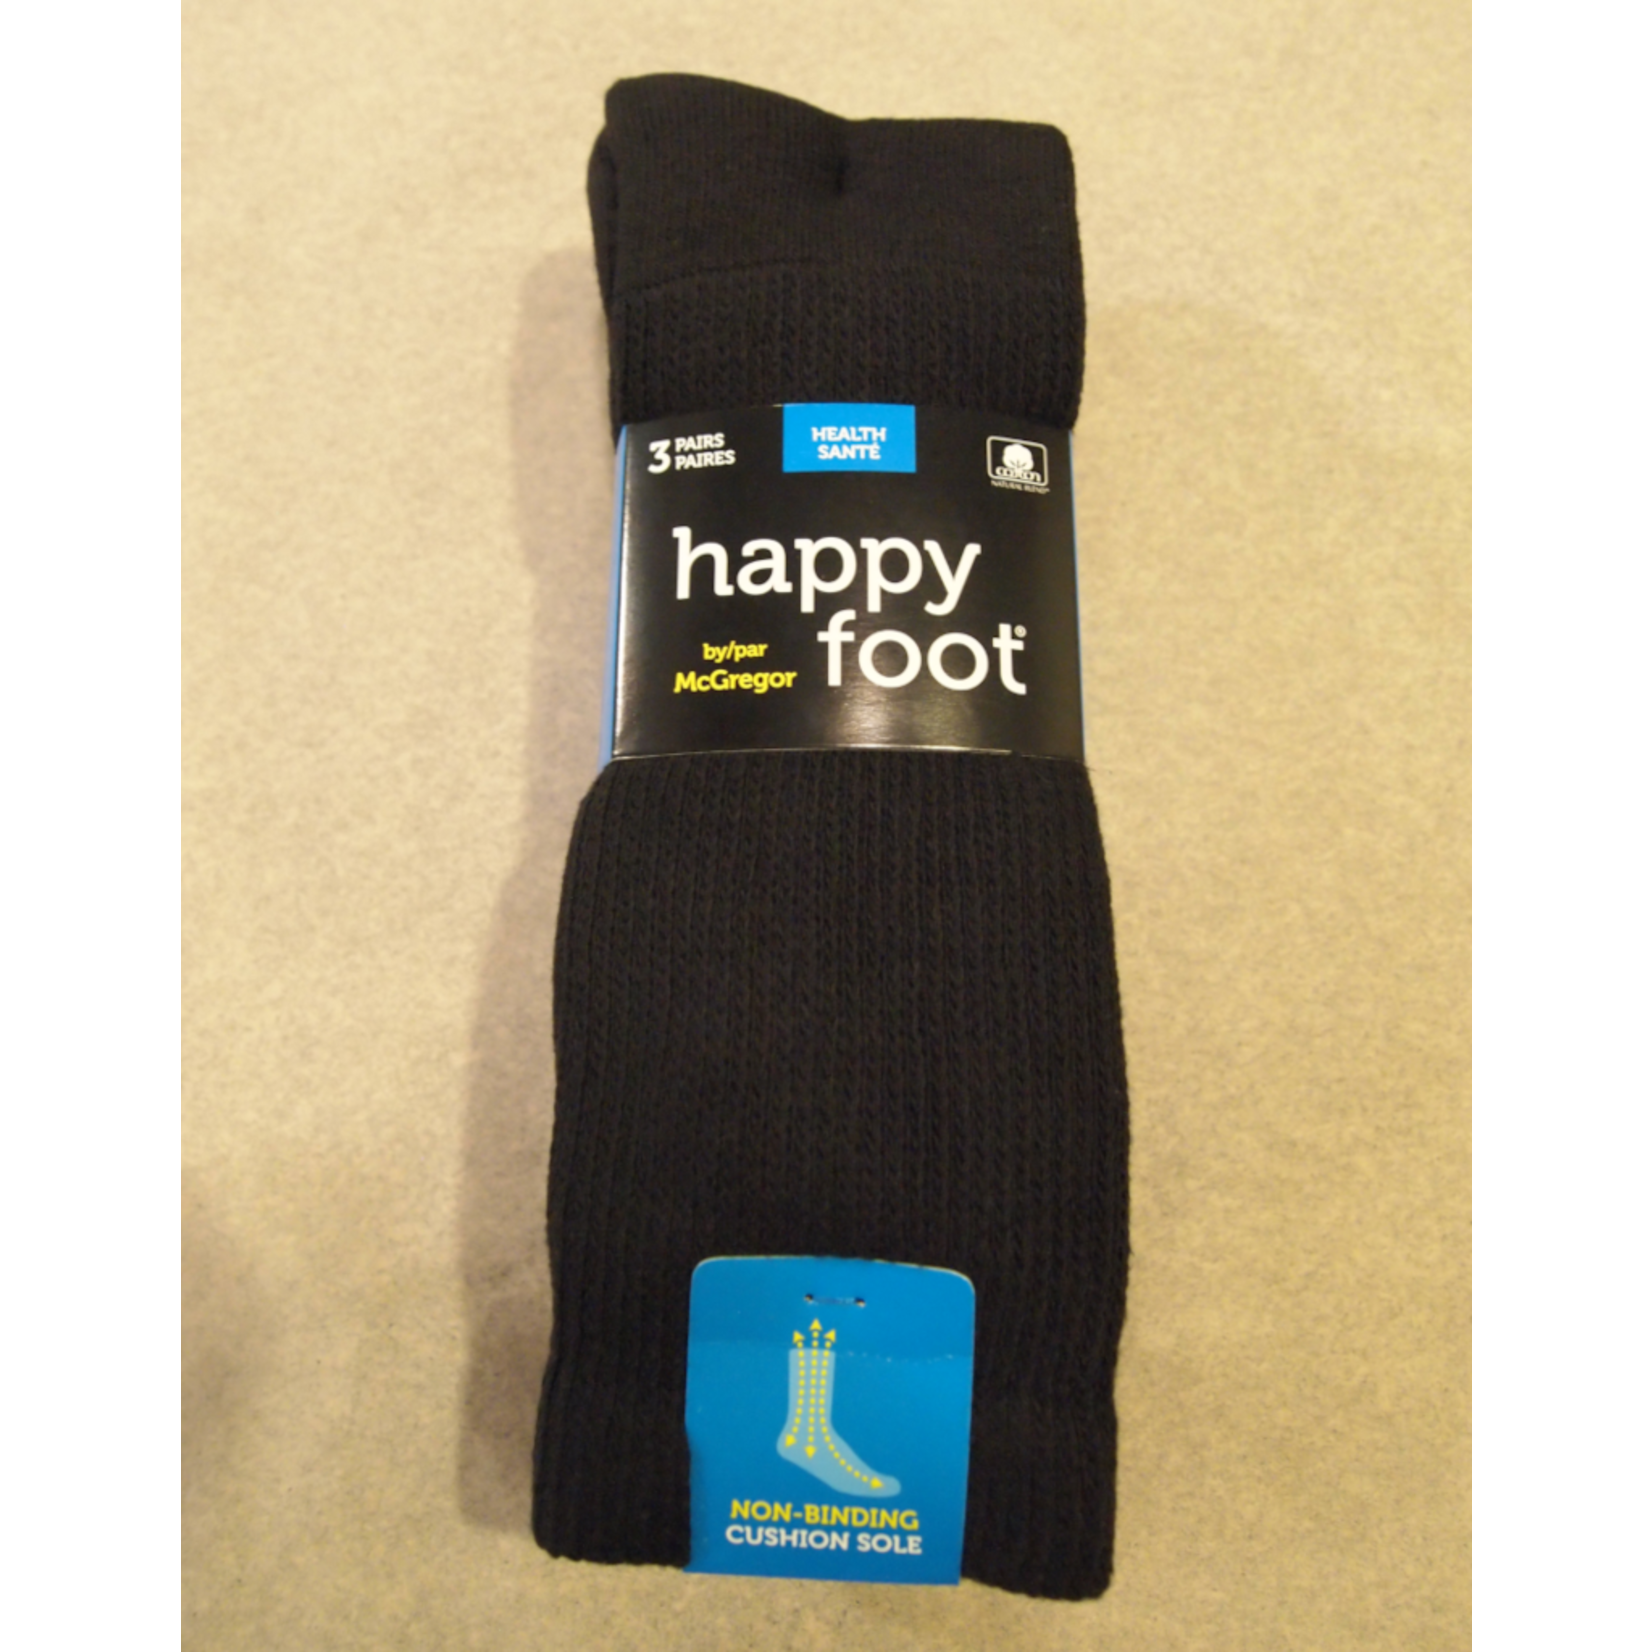 McGregor McGregor Happy Foot 3-Pk Health Crew Sock Black